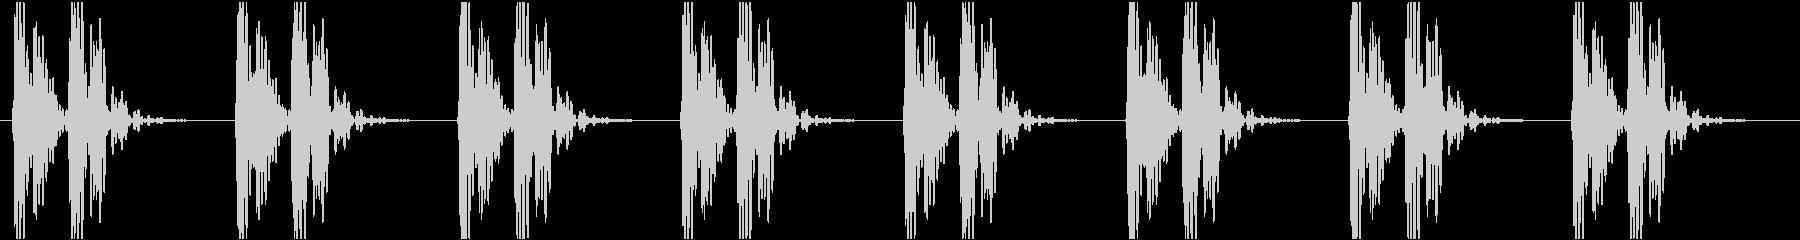 バクバク(心臓、鼓動、心電図)の未再生の波形